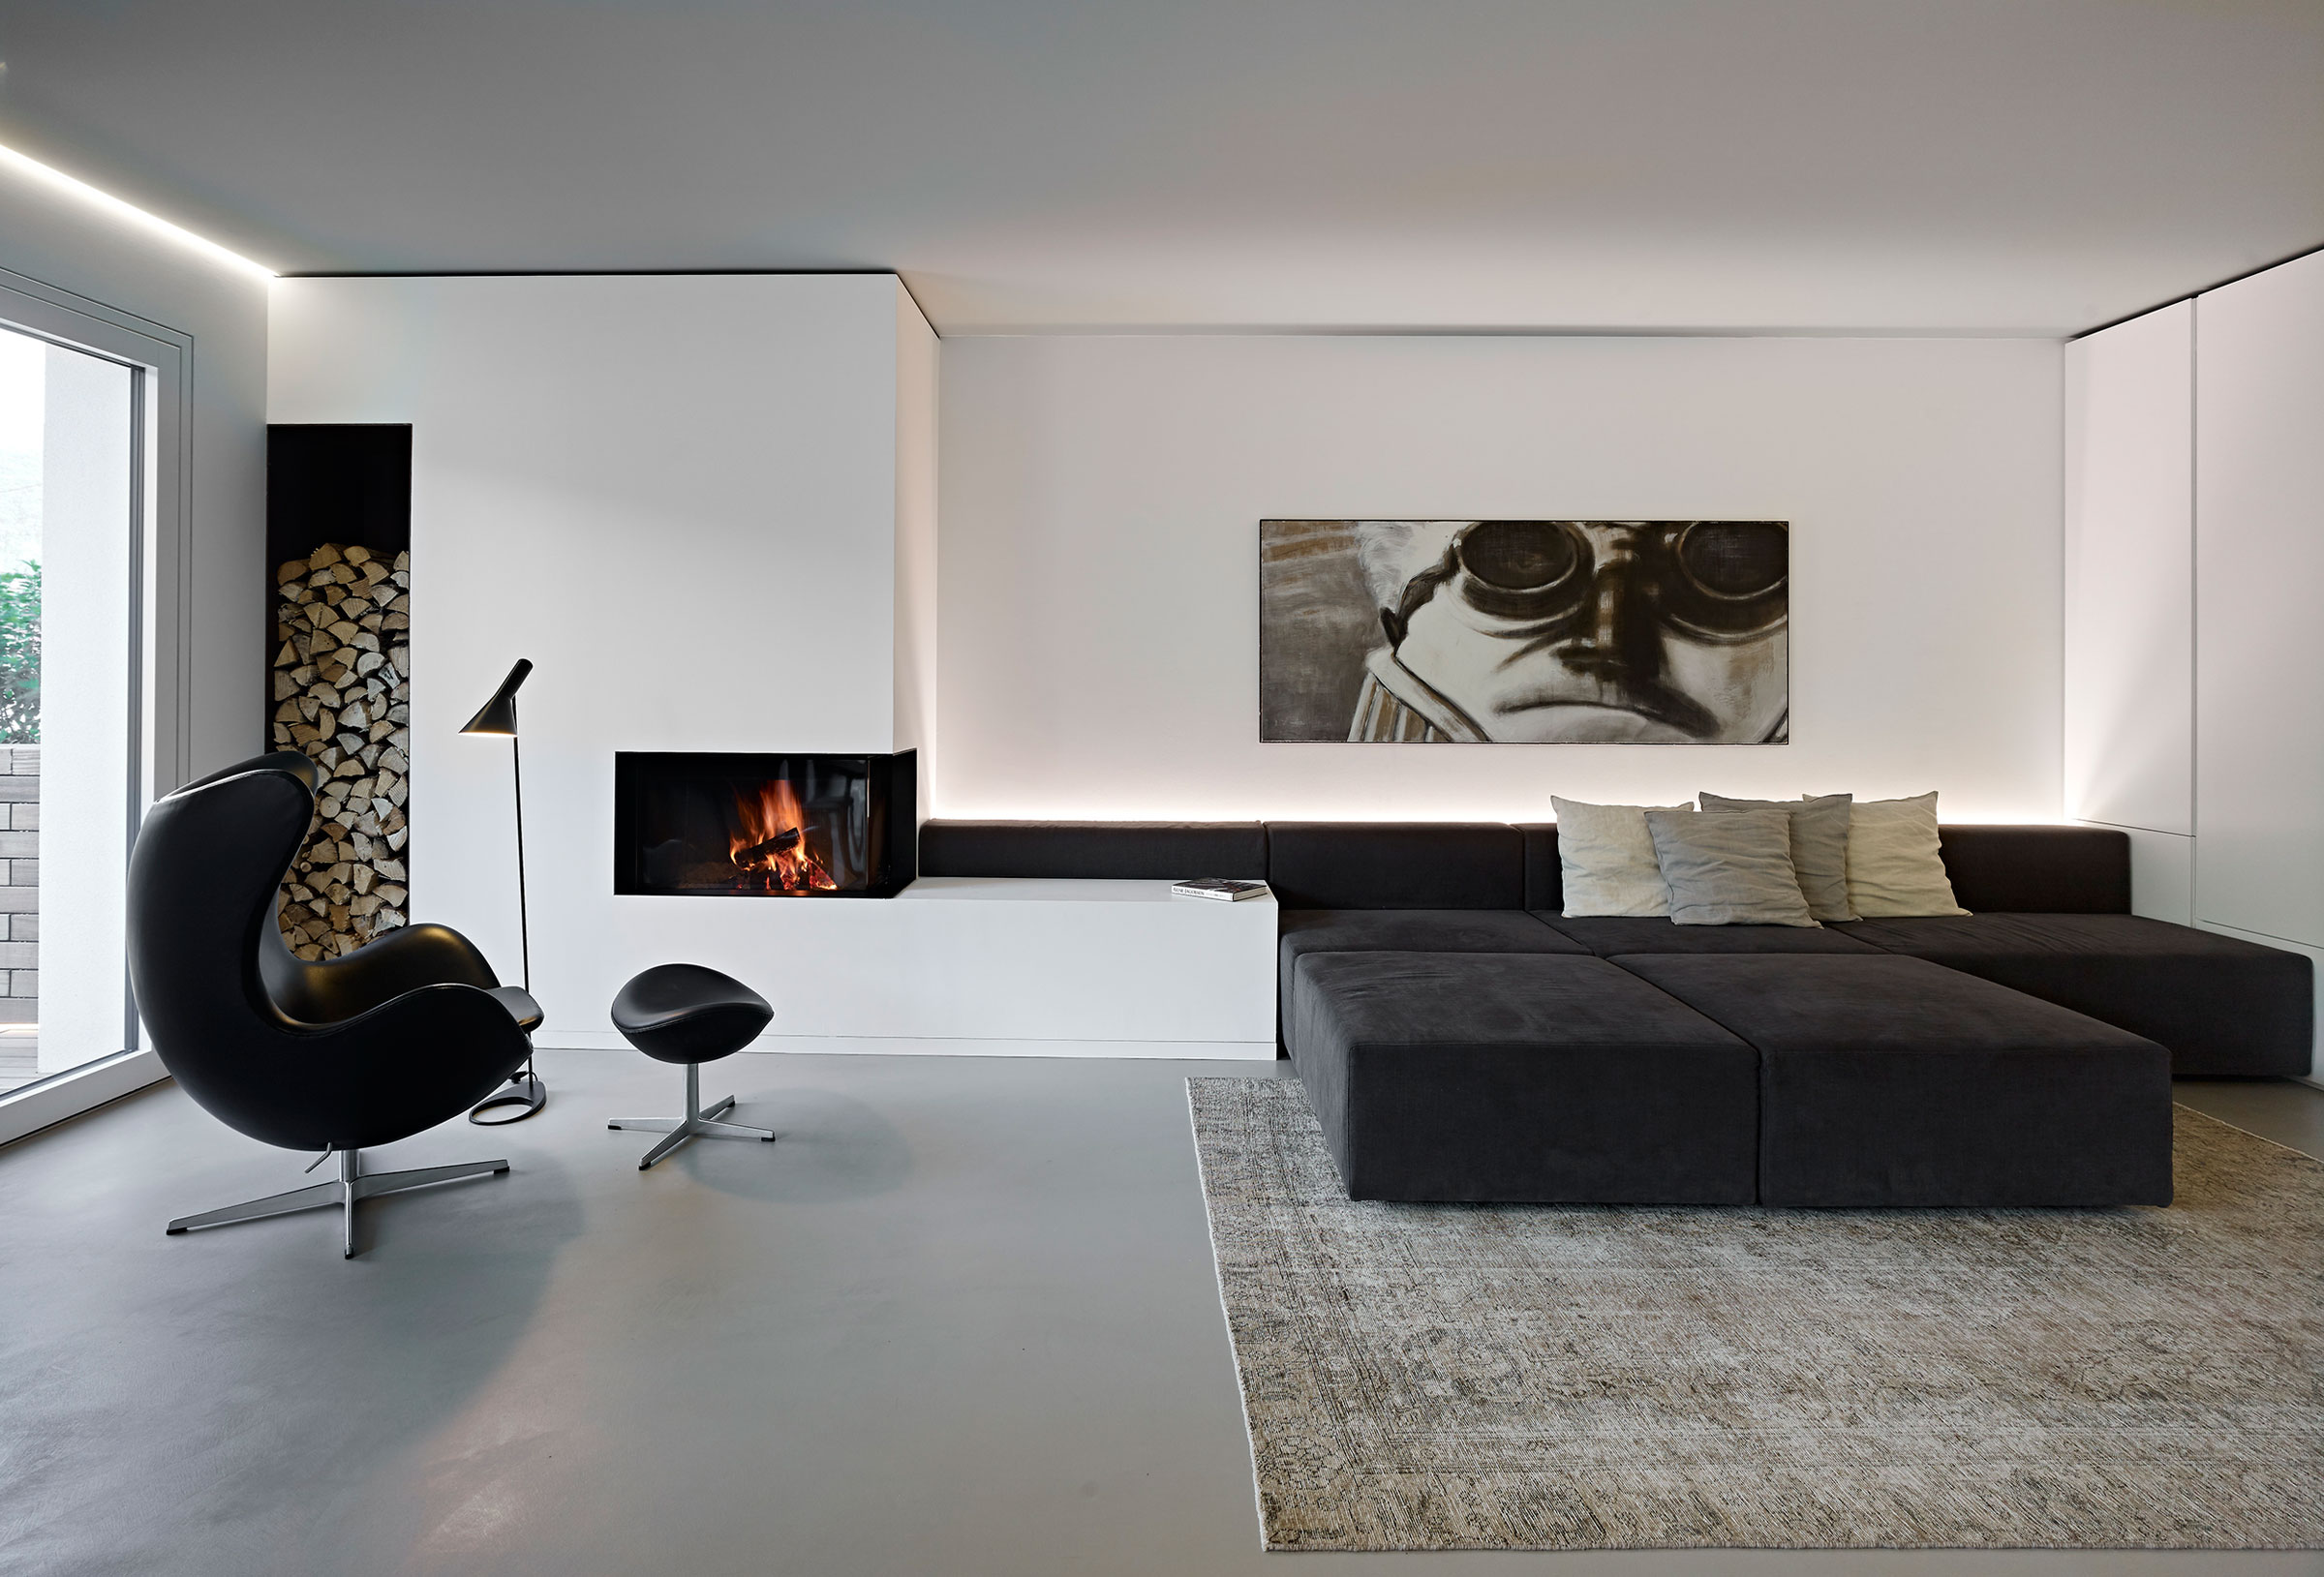 Burnazzi feltrin architetti design a private residence in - Interior design trento ...